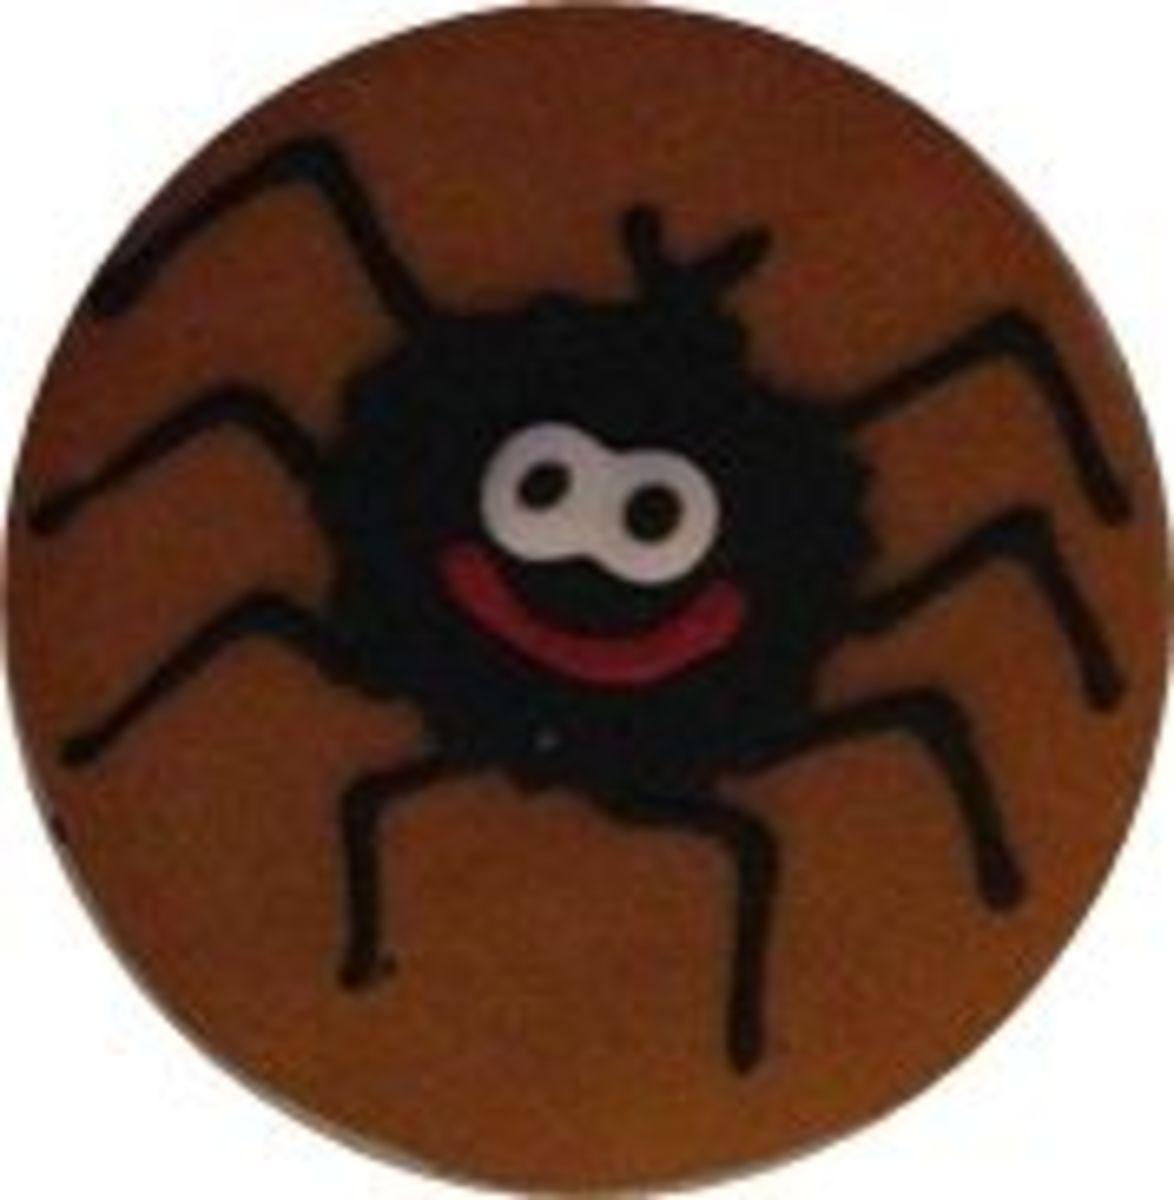 Spider cooky